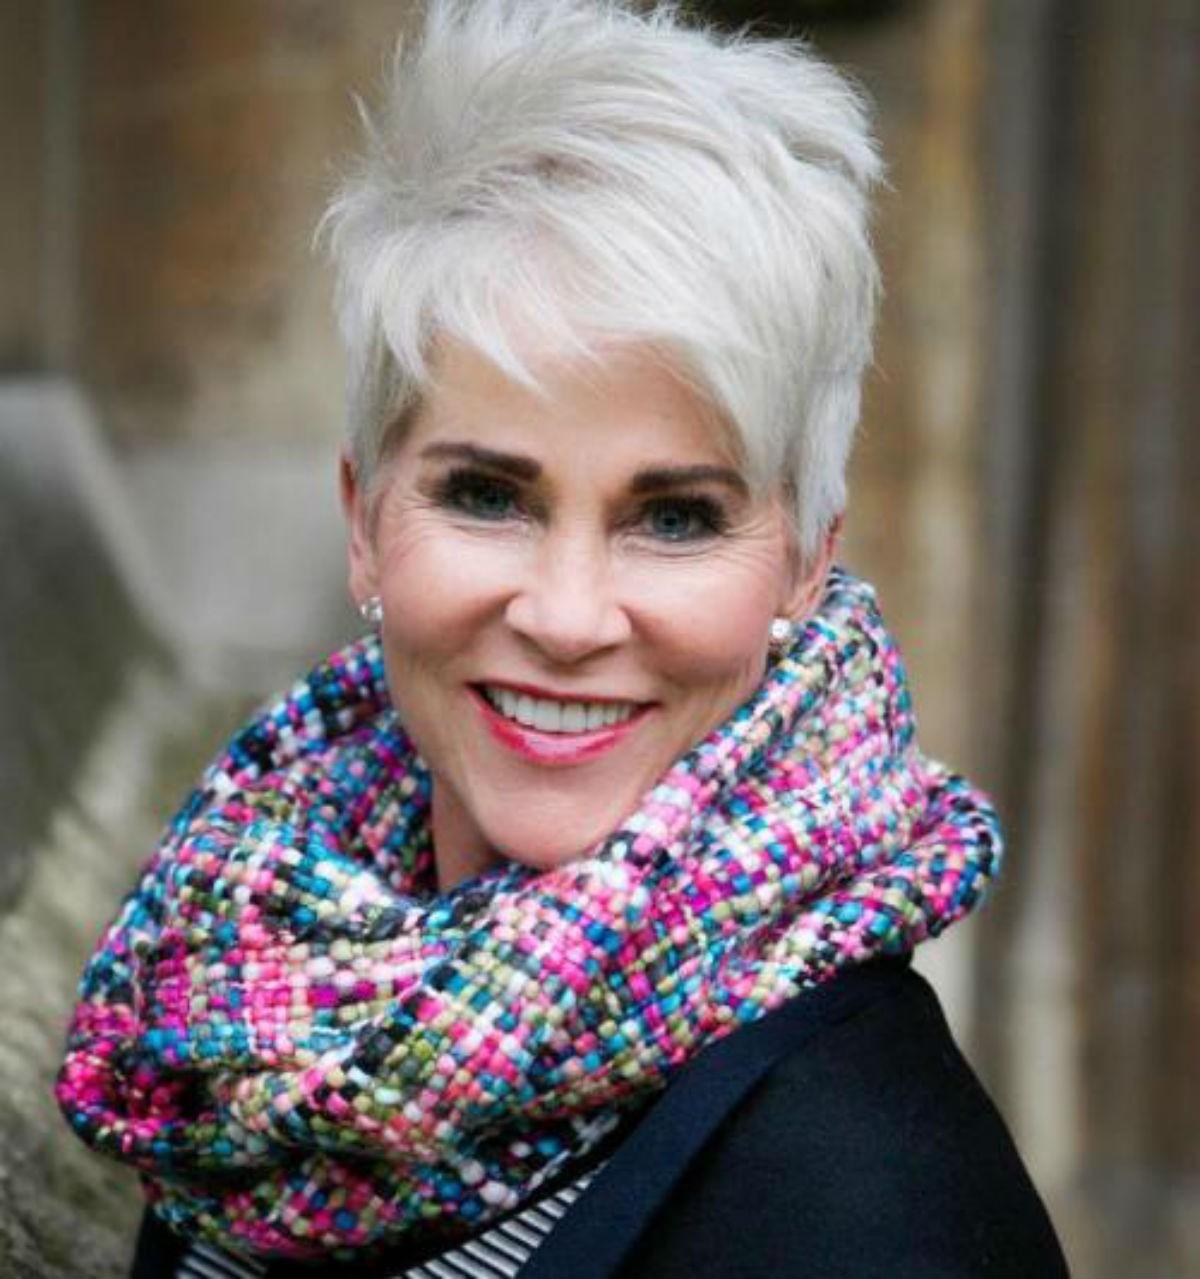 Классные и простые короткие стрижки для женщин старше 50 лет: больше 30 стильных вариантов.